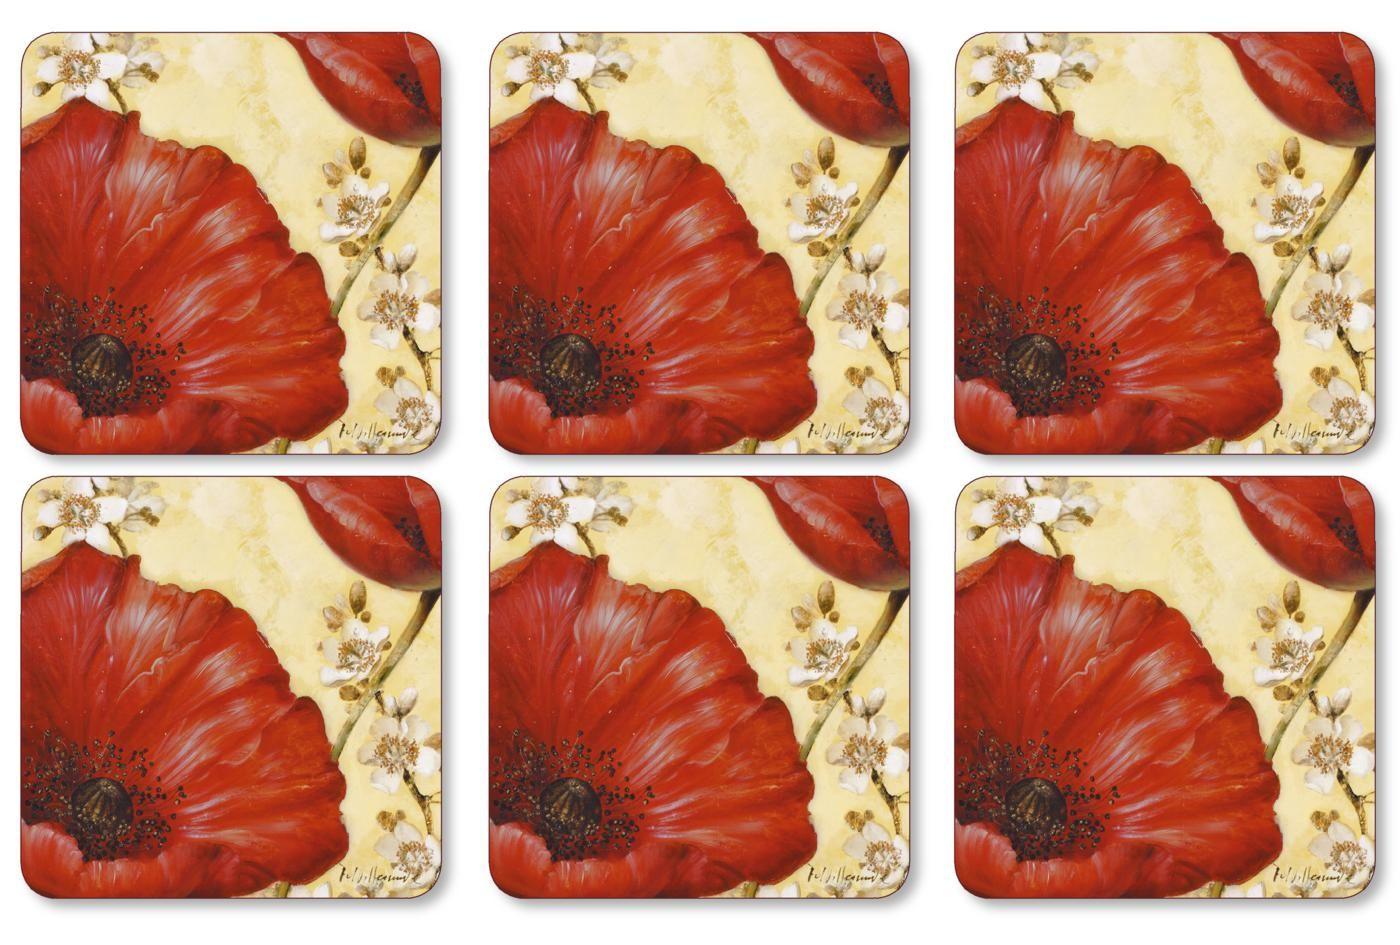 Pimpernel Poppy de Villeneuve Coasters Set of 6